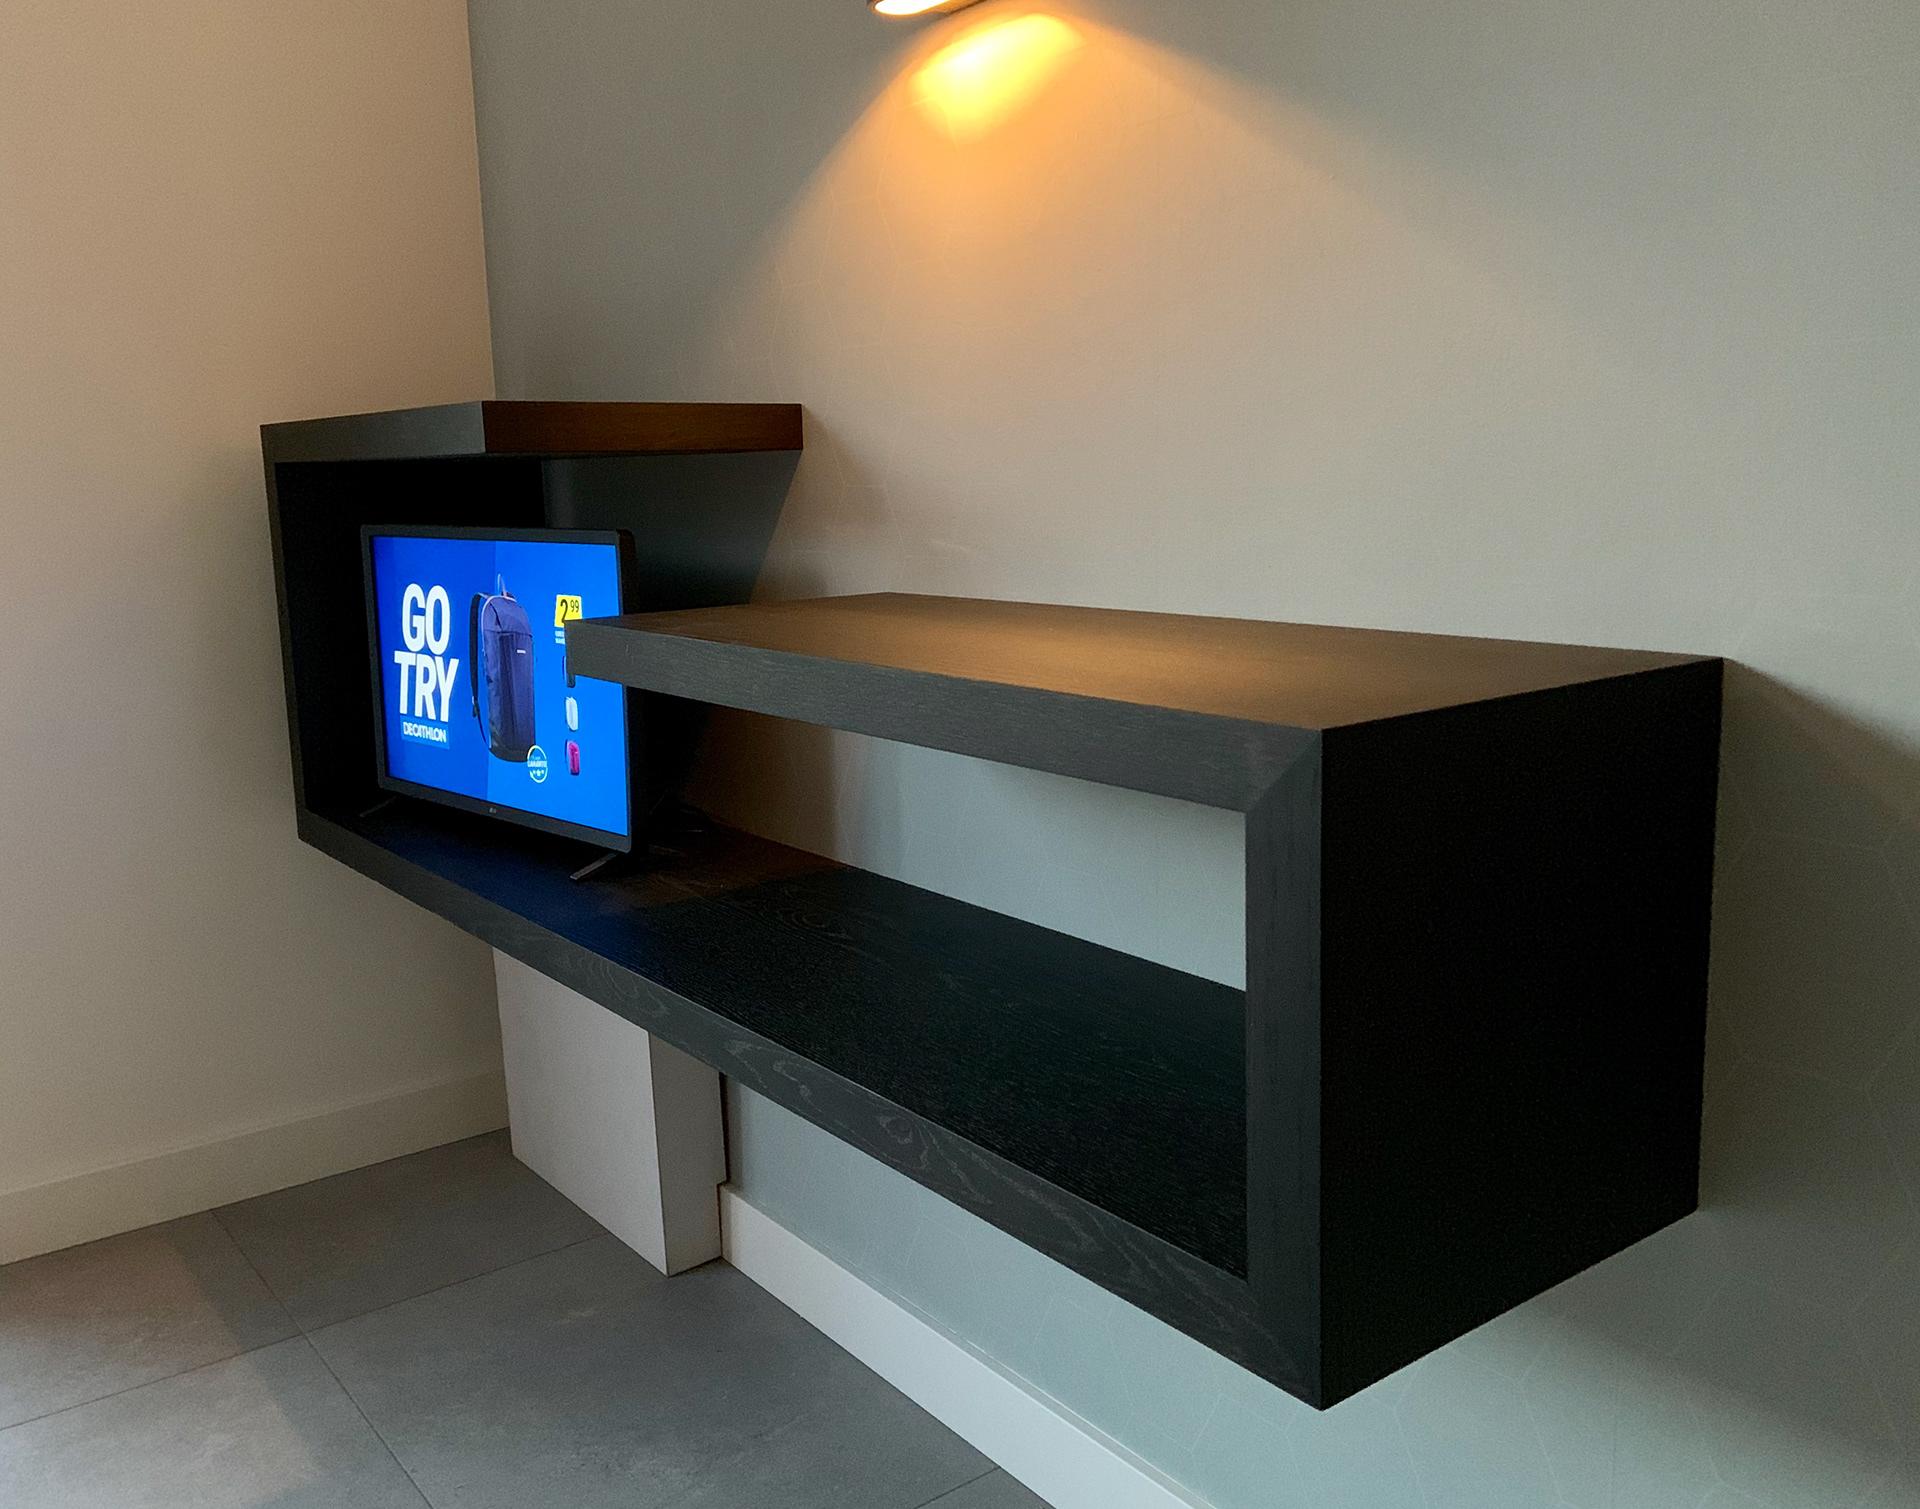 Prachtige Tv Kast.Jelle Derks Design Maatwerk Meubelen En Interieur Wandmeubel